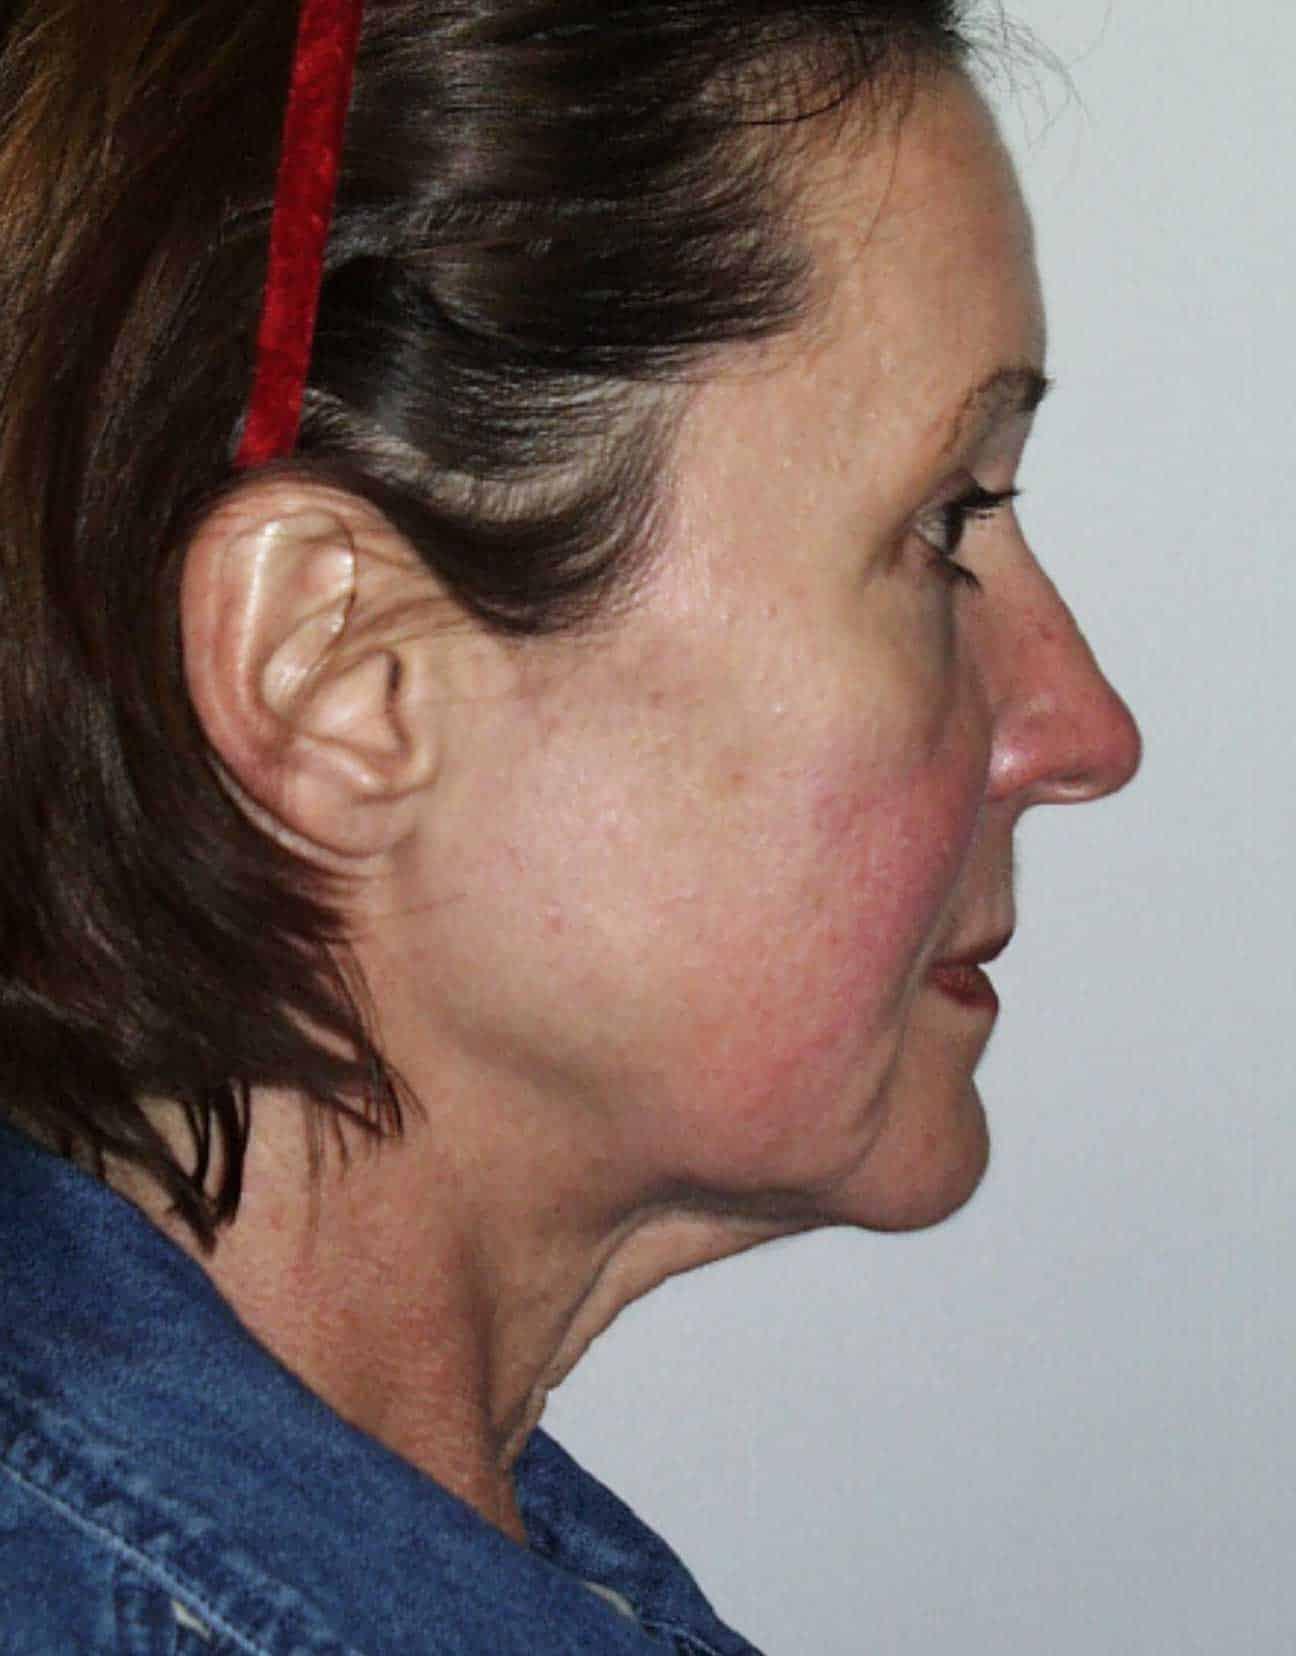 cortez facial plastic surgery facelift profile before